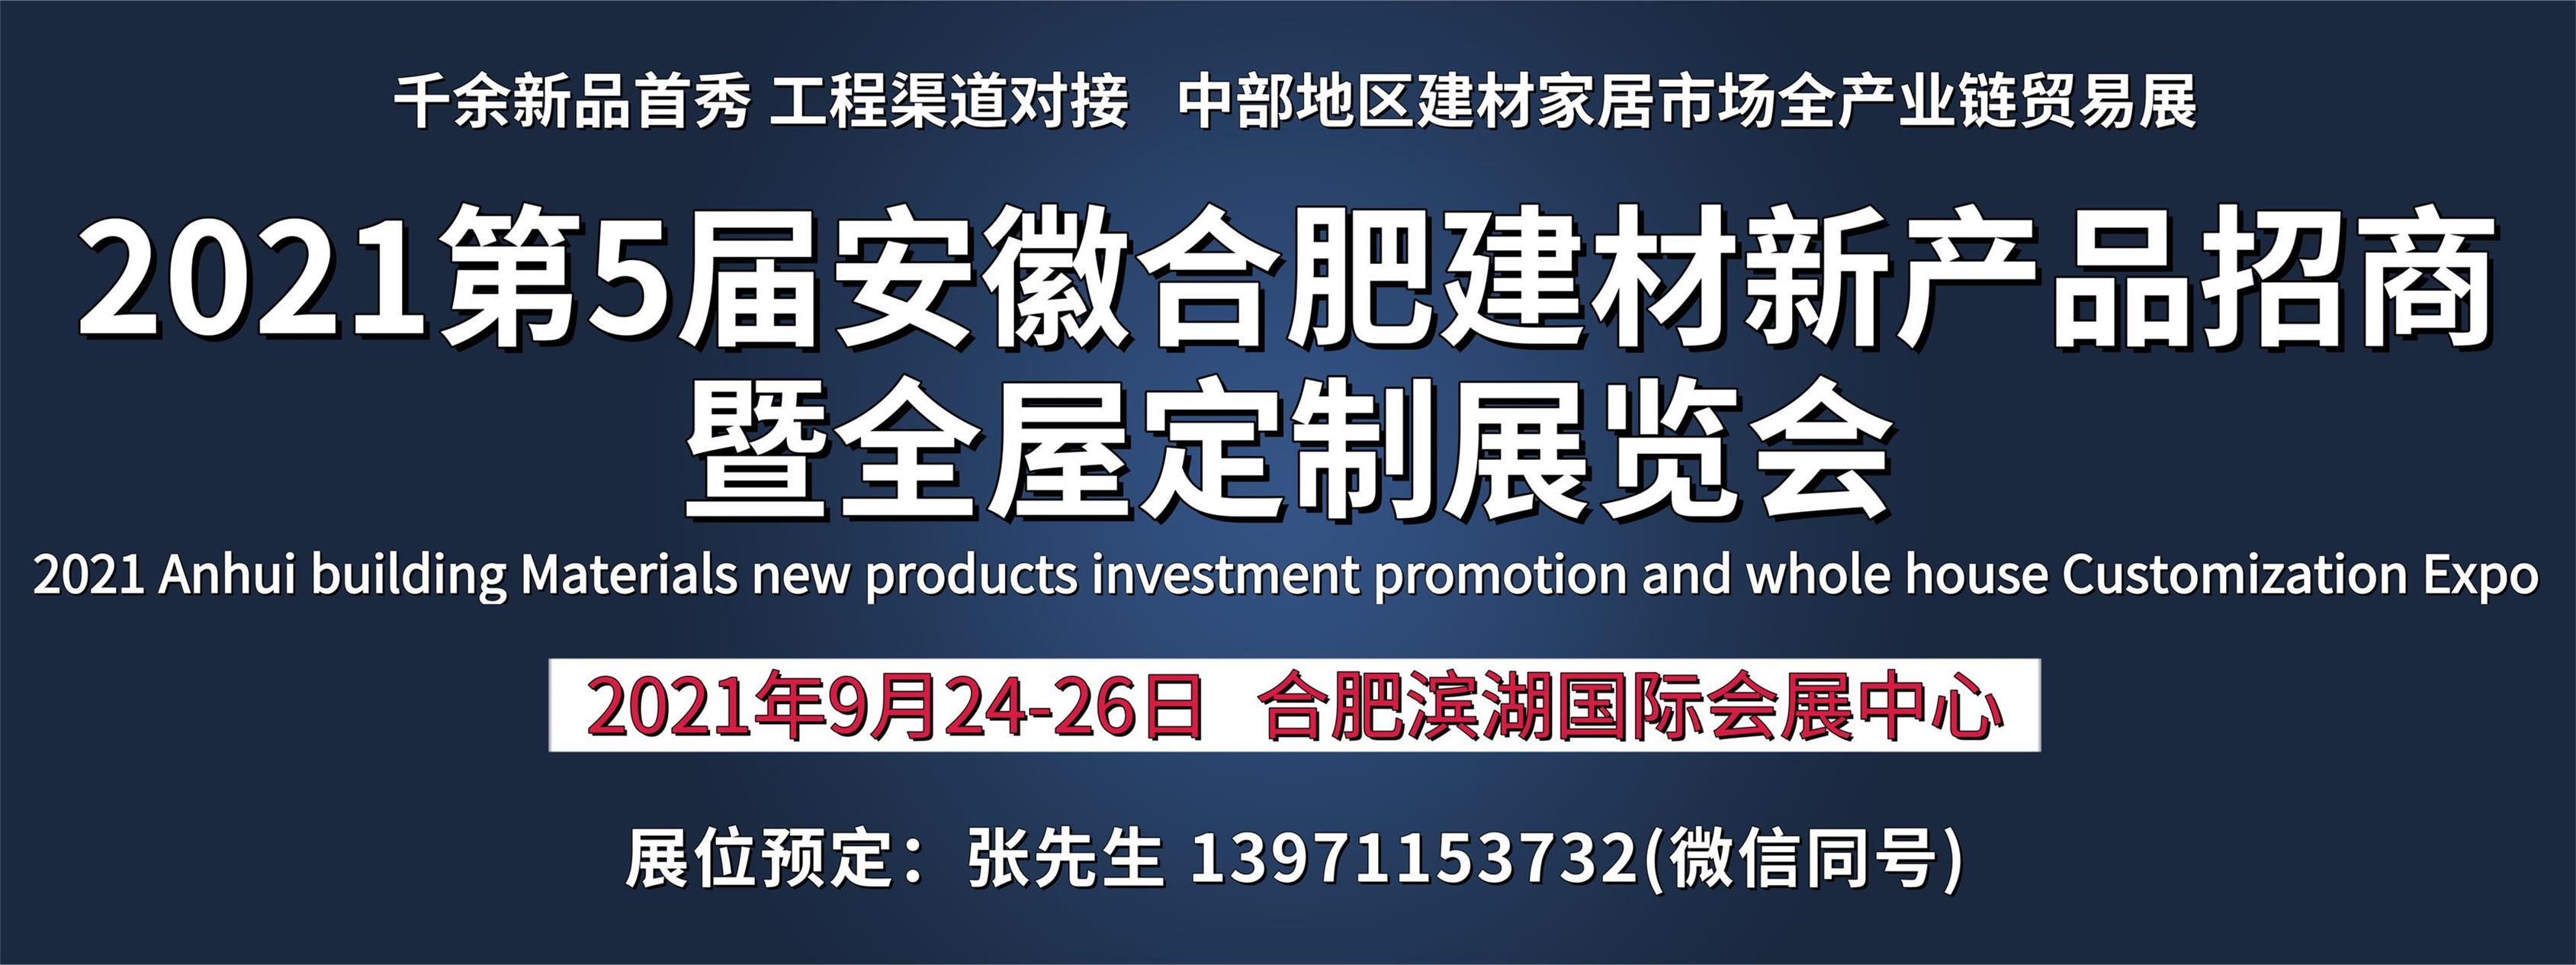 2021第5届安徽合肥建材新产品招商暨全屋定制展览会